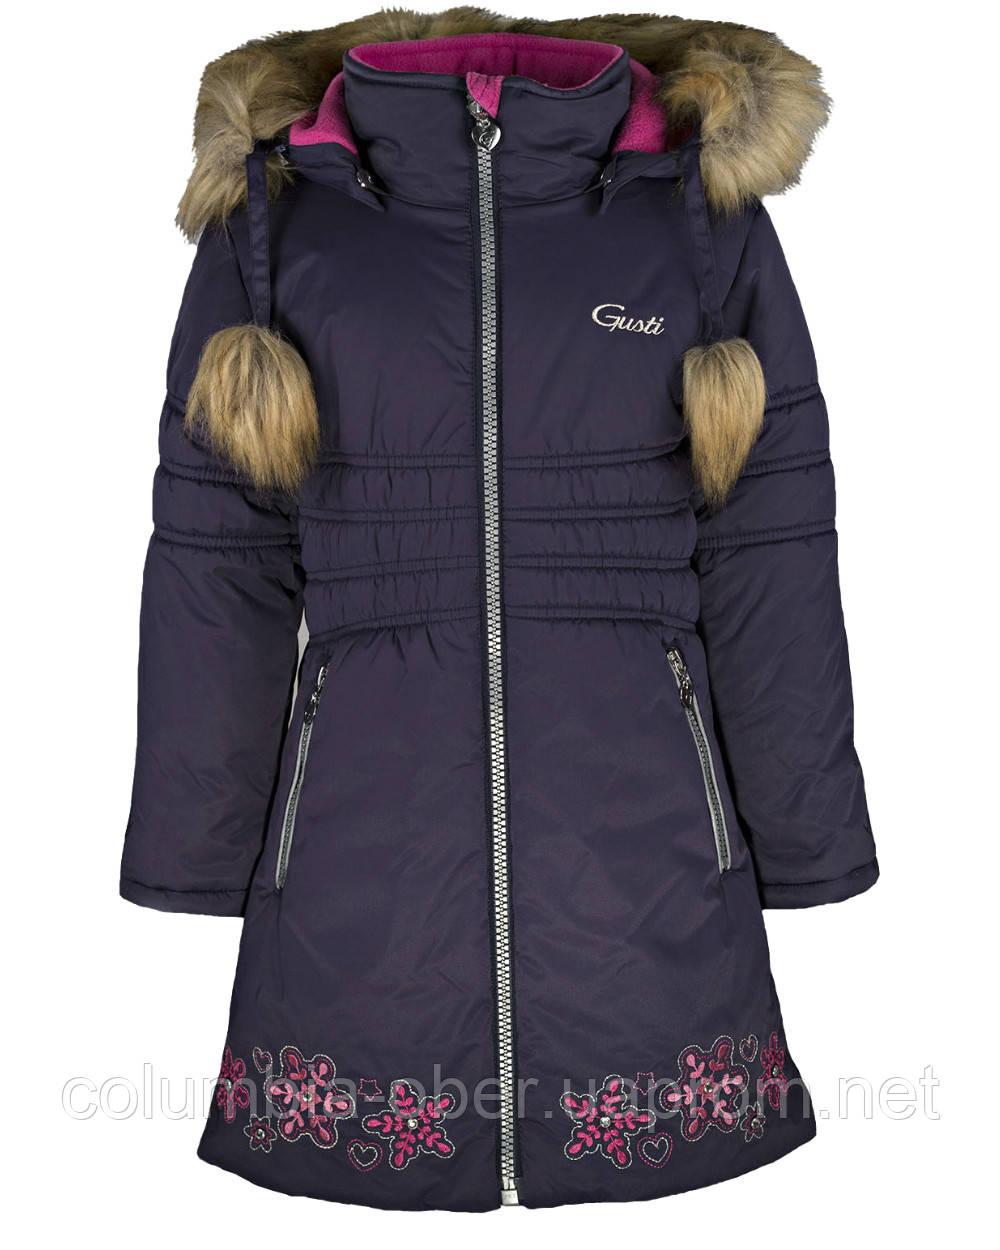 Зимнее пальто для девочки Gusti GWG 6461-ECLIPSE. Размер 116 и 164.